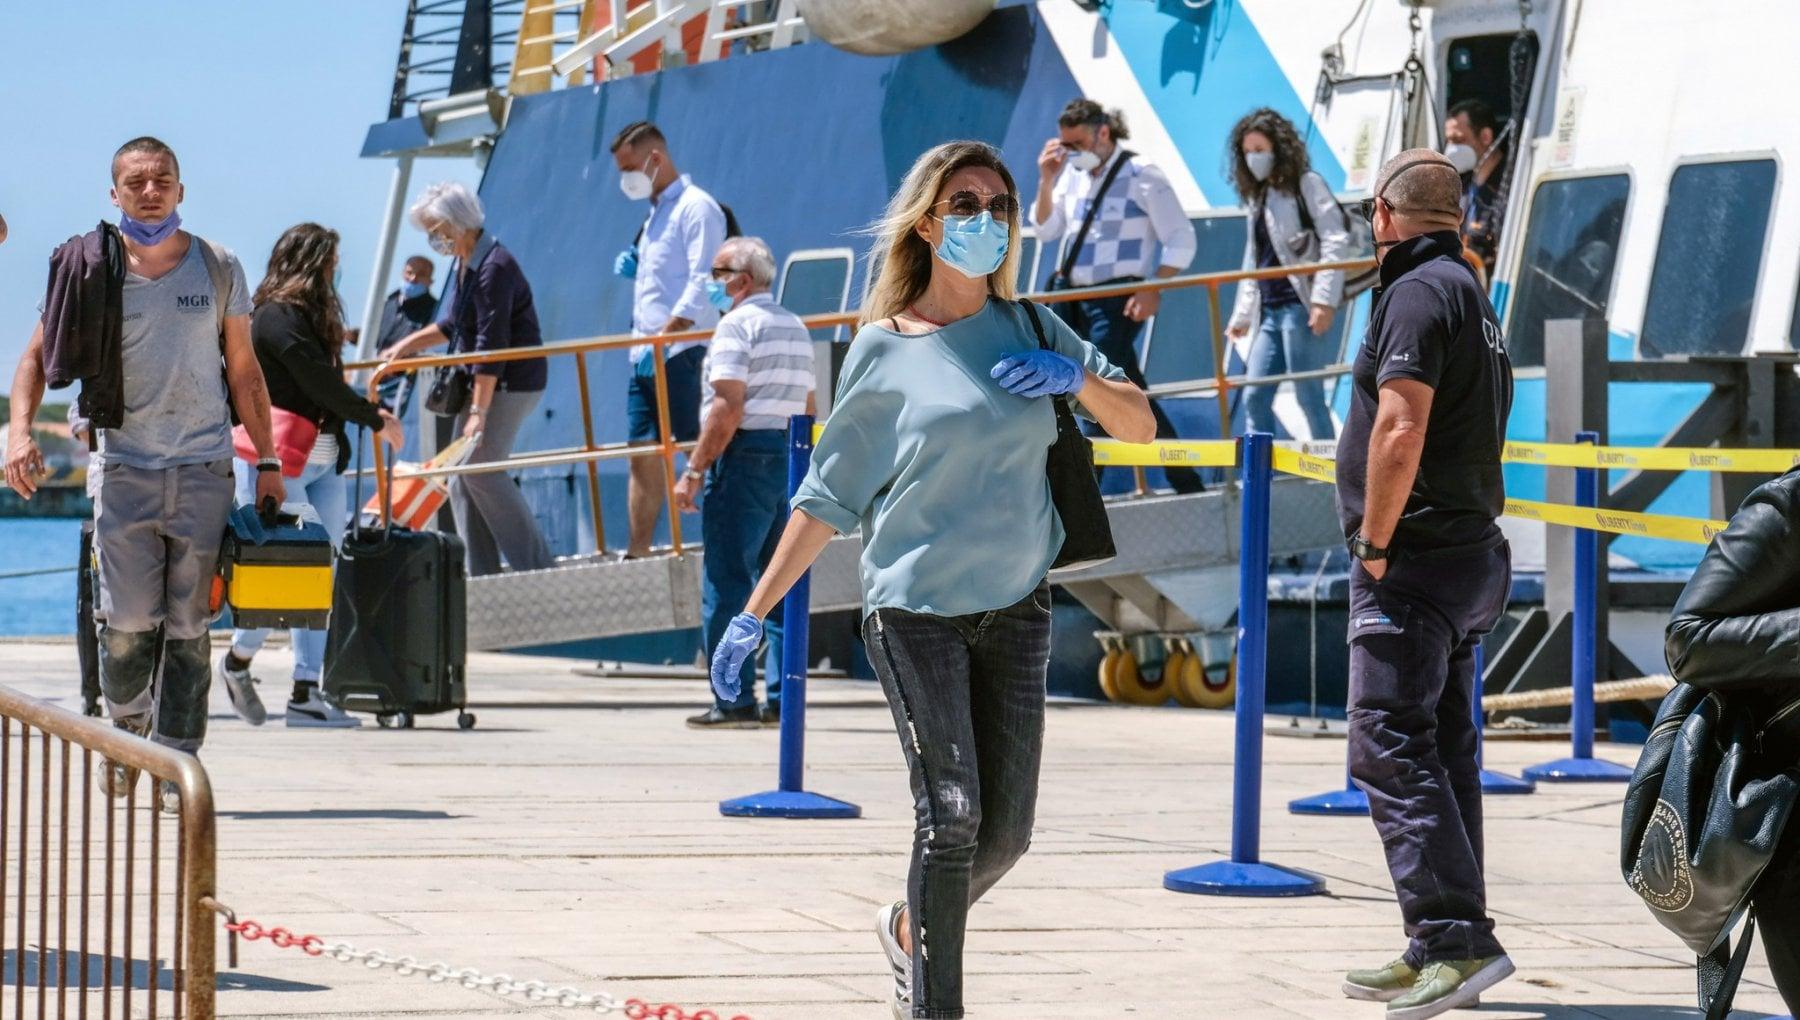 173931304 250c8913 ae2f 4dd5 a613 2f2b05f4e855 - Coronavirus, le isole si blindano: test obbligatori in Sicilia per chi arriva da Malta, Spagna e Portogallo, la Sardegna prepara l'ordinanza